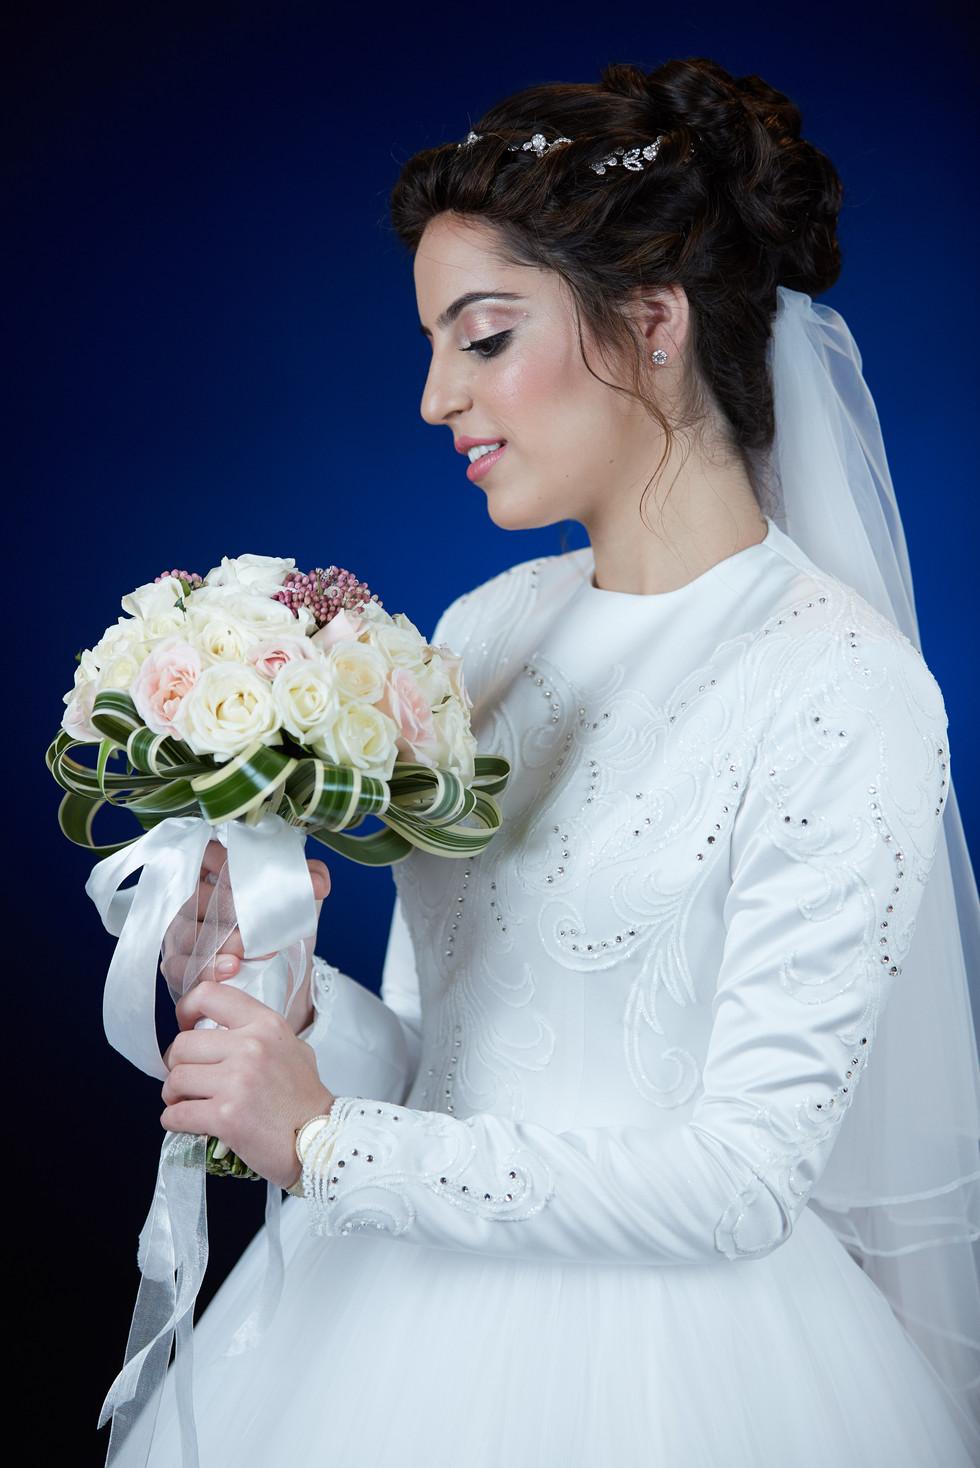 צלמי חתונות במרכז